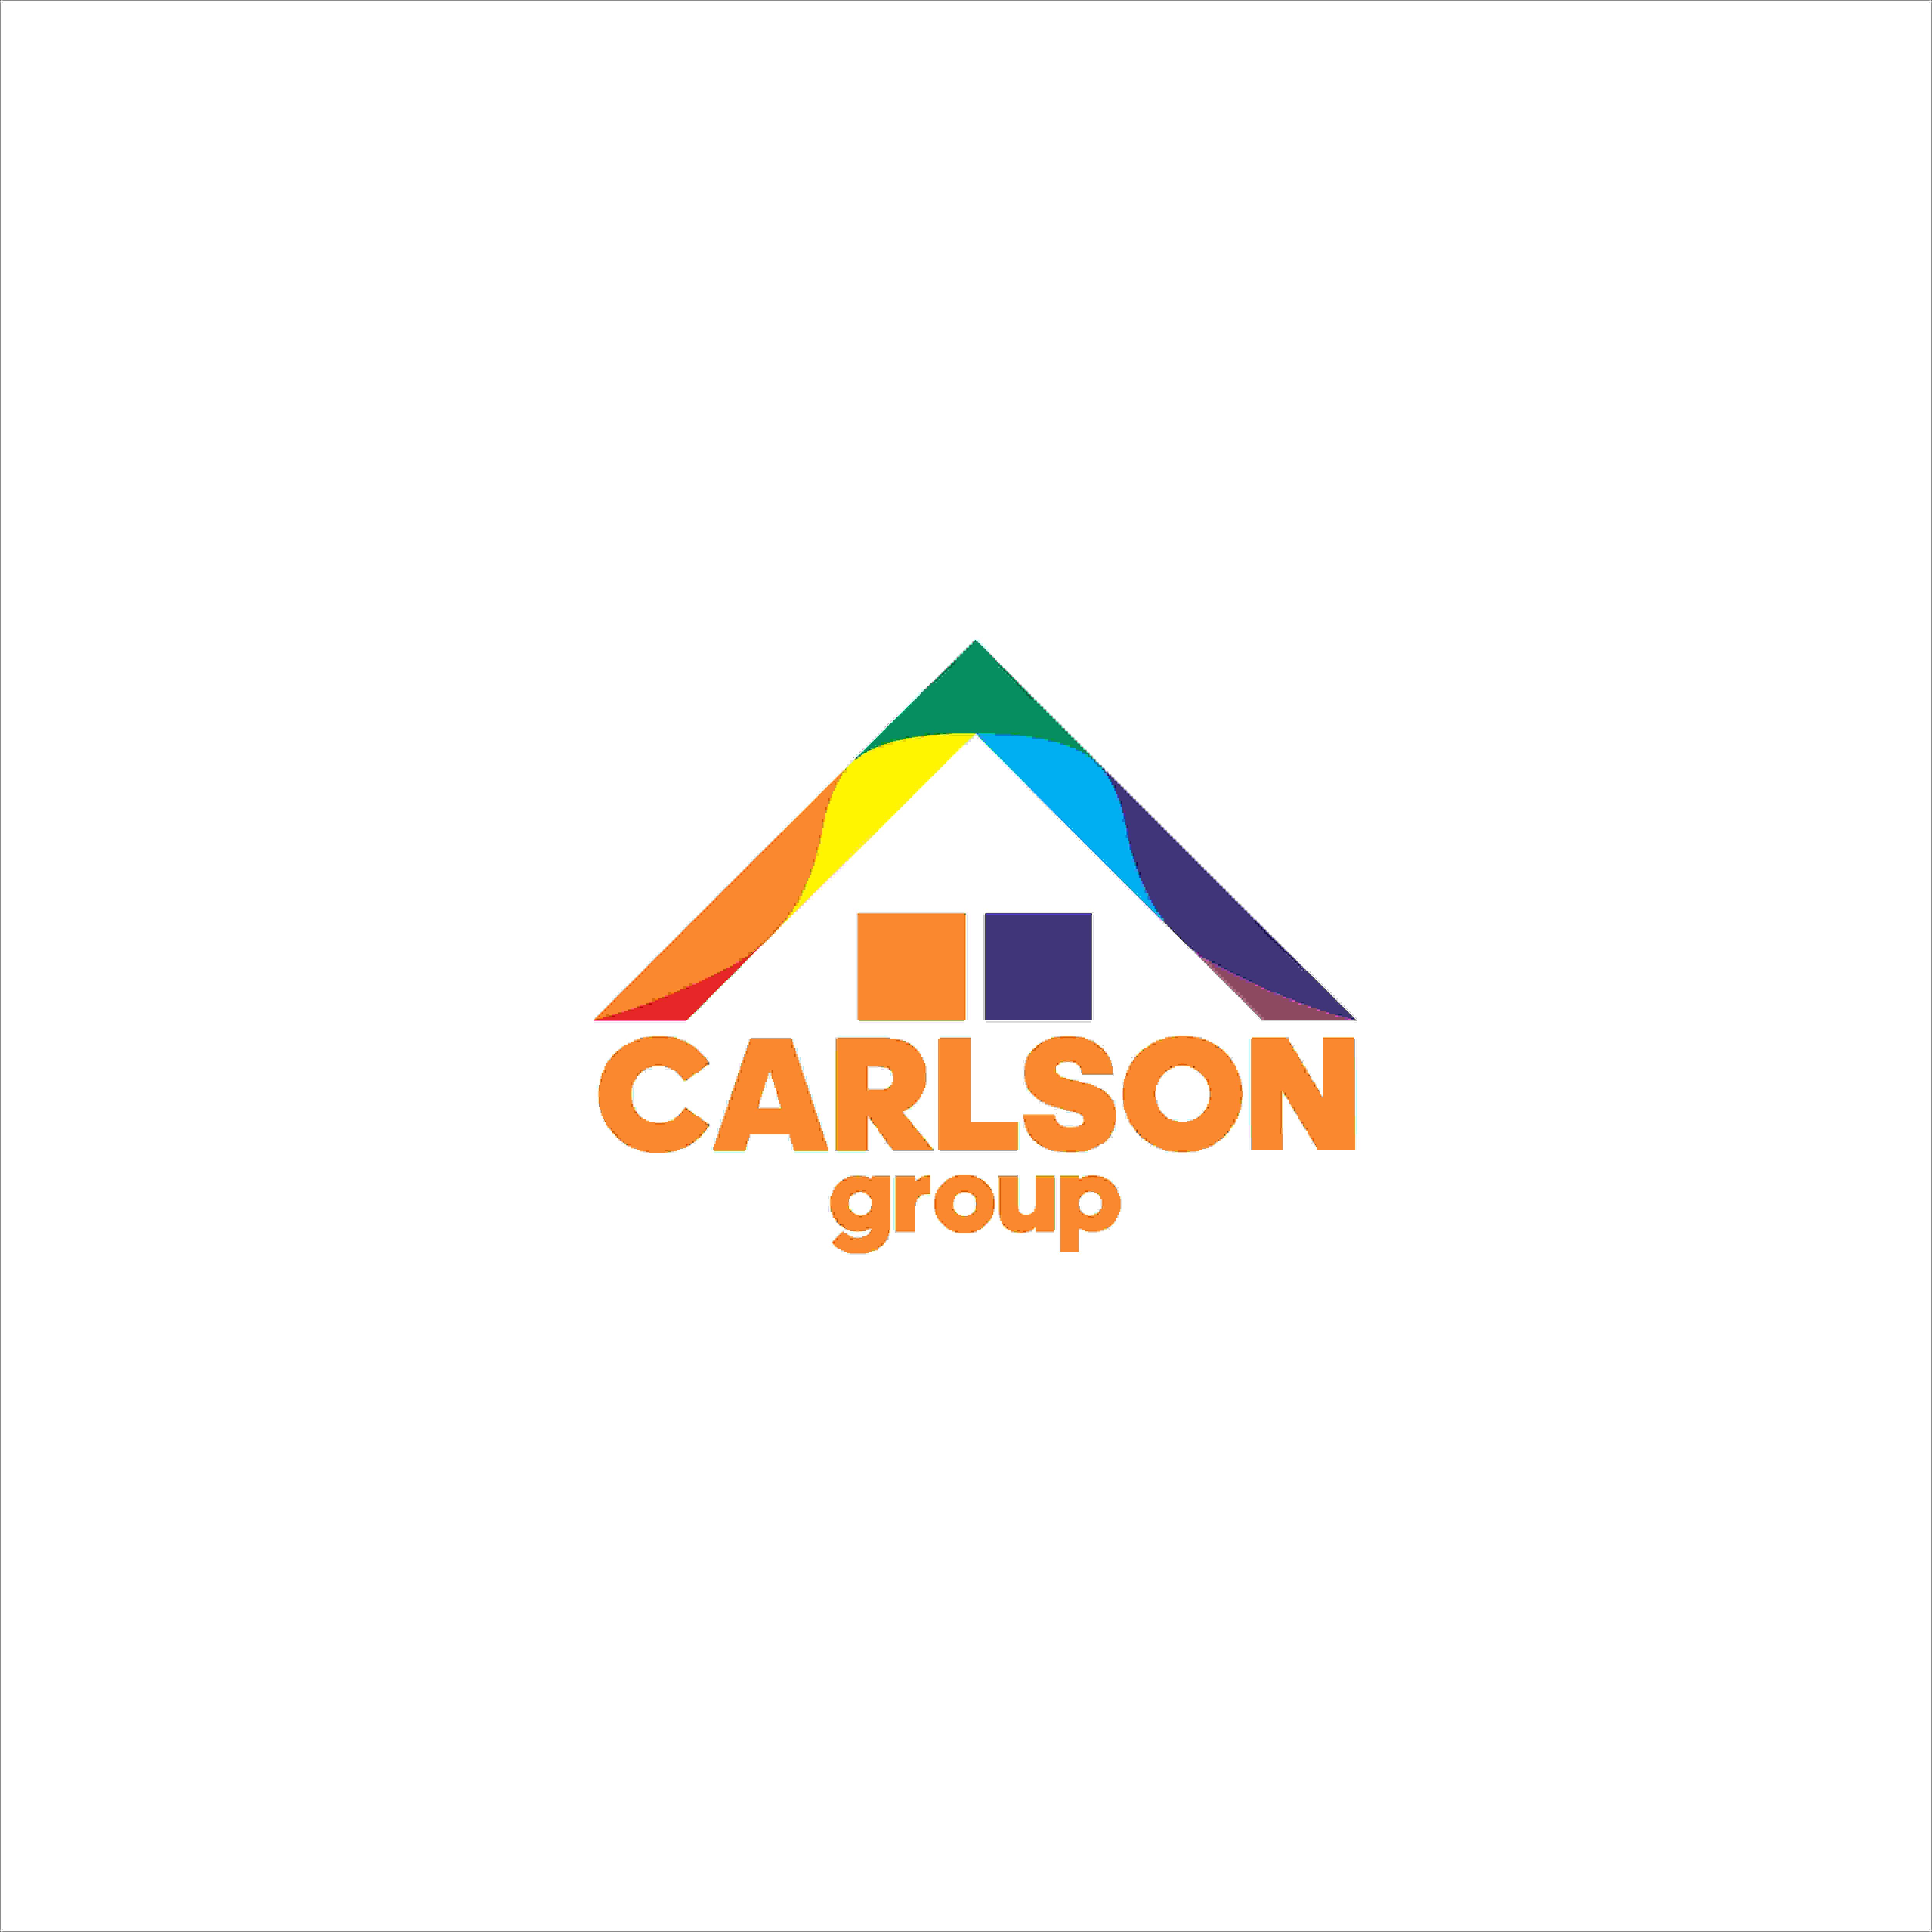 Придумать классный логотип фото f_4635988c78b13e70.jpg